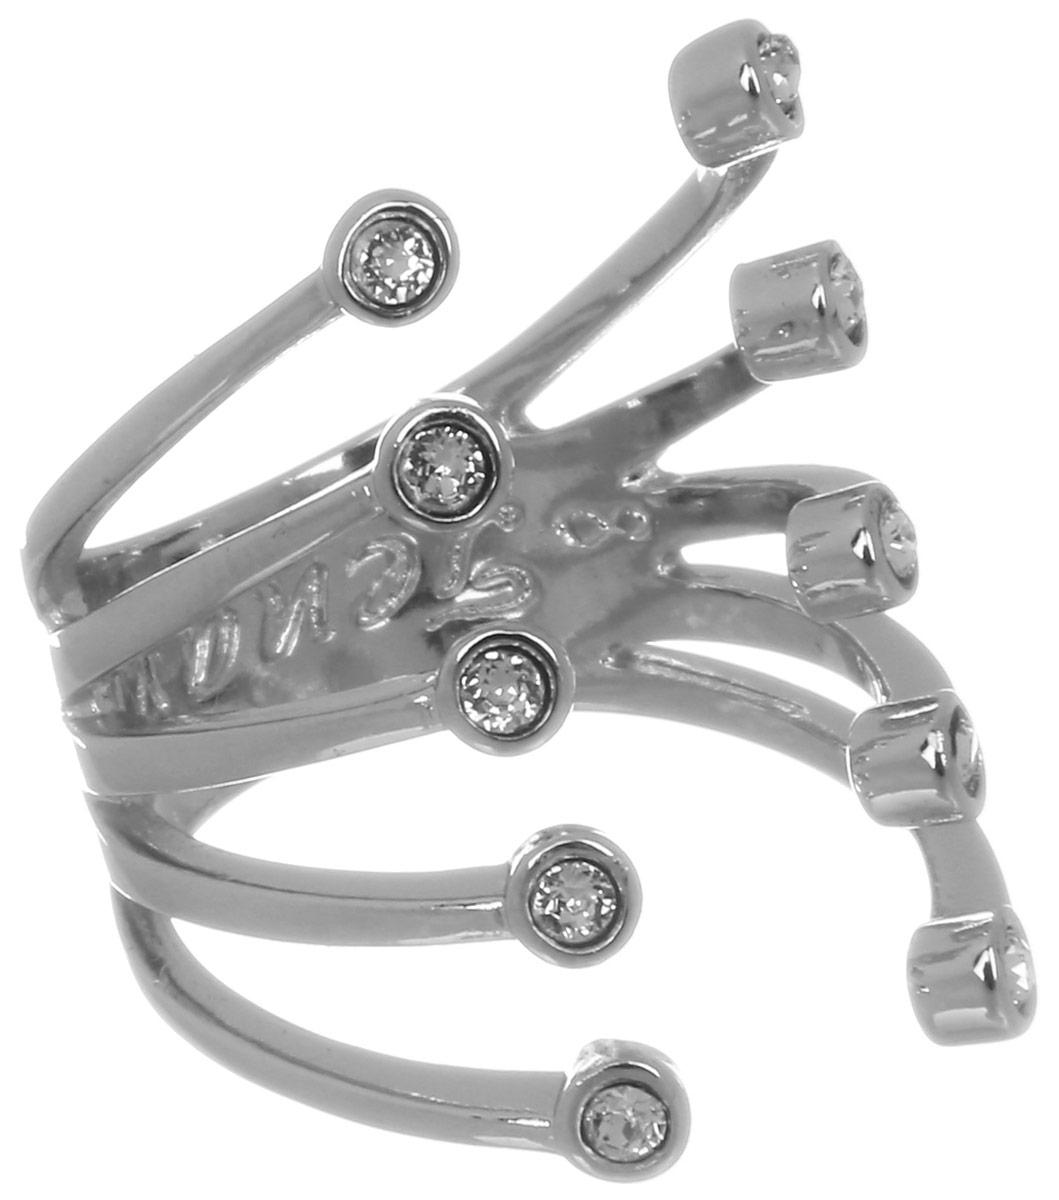 Jenavi, Коллекция Триада, Пурина (Кольцо), цвет - серебряный, белый, размер - 16f694f000Коллекция Триада, Пурина (Кольцо) гипоаллергенный ювелирный сплав,Серебрение c род. , вставка Кристаллы Swarovski , цвет - серебряный, белый, размер - 16